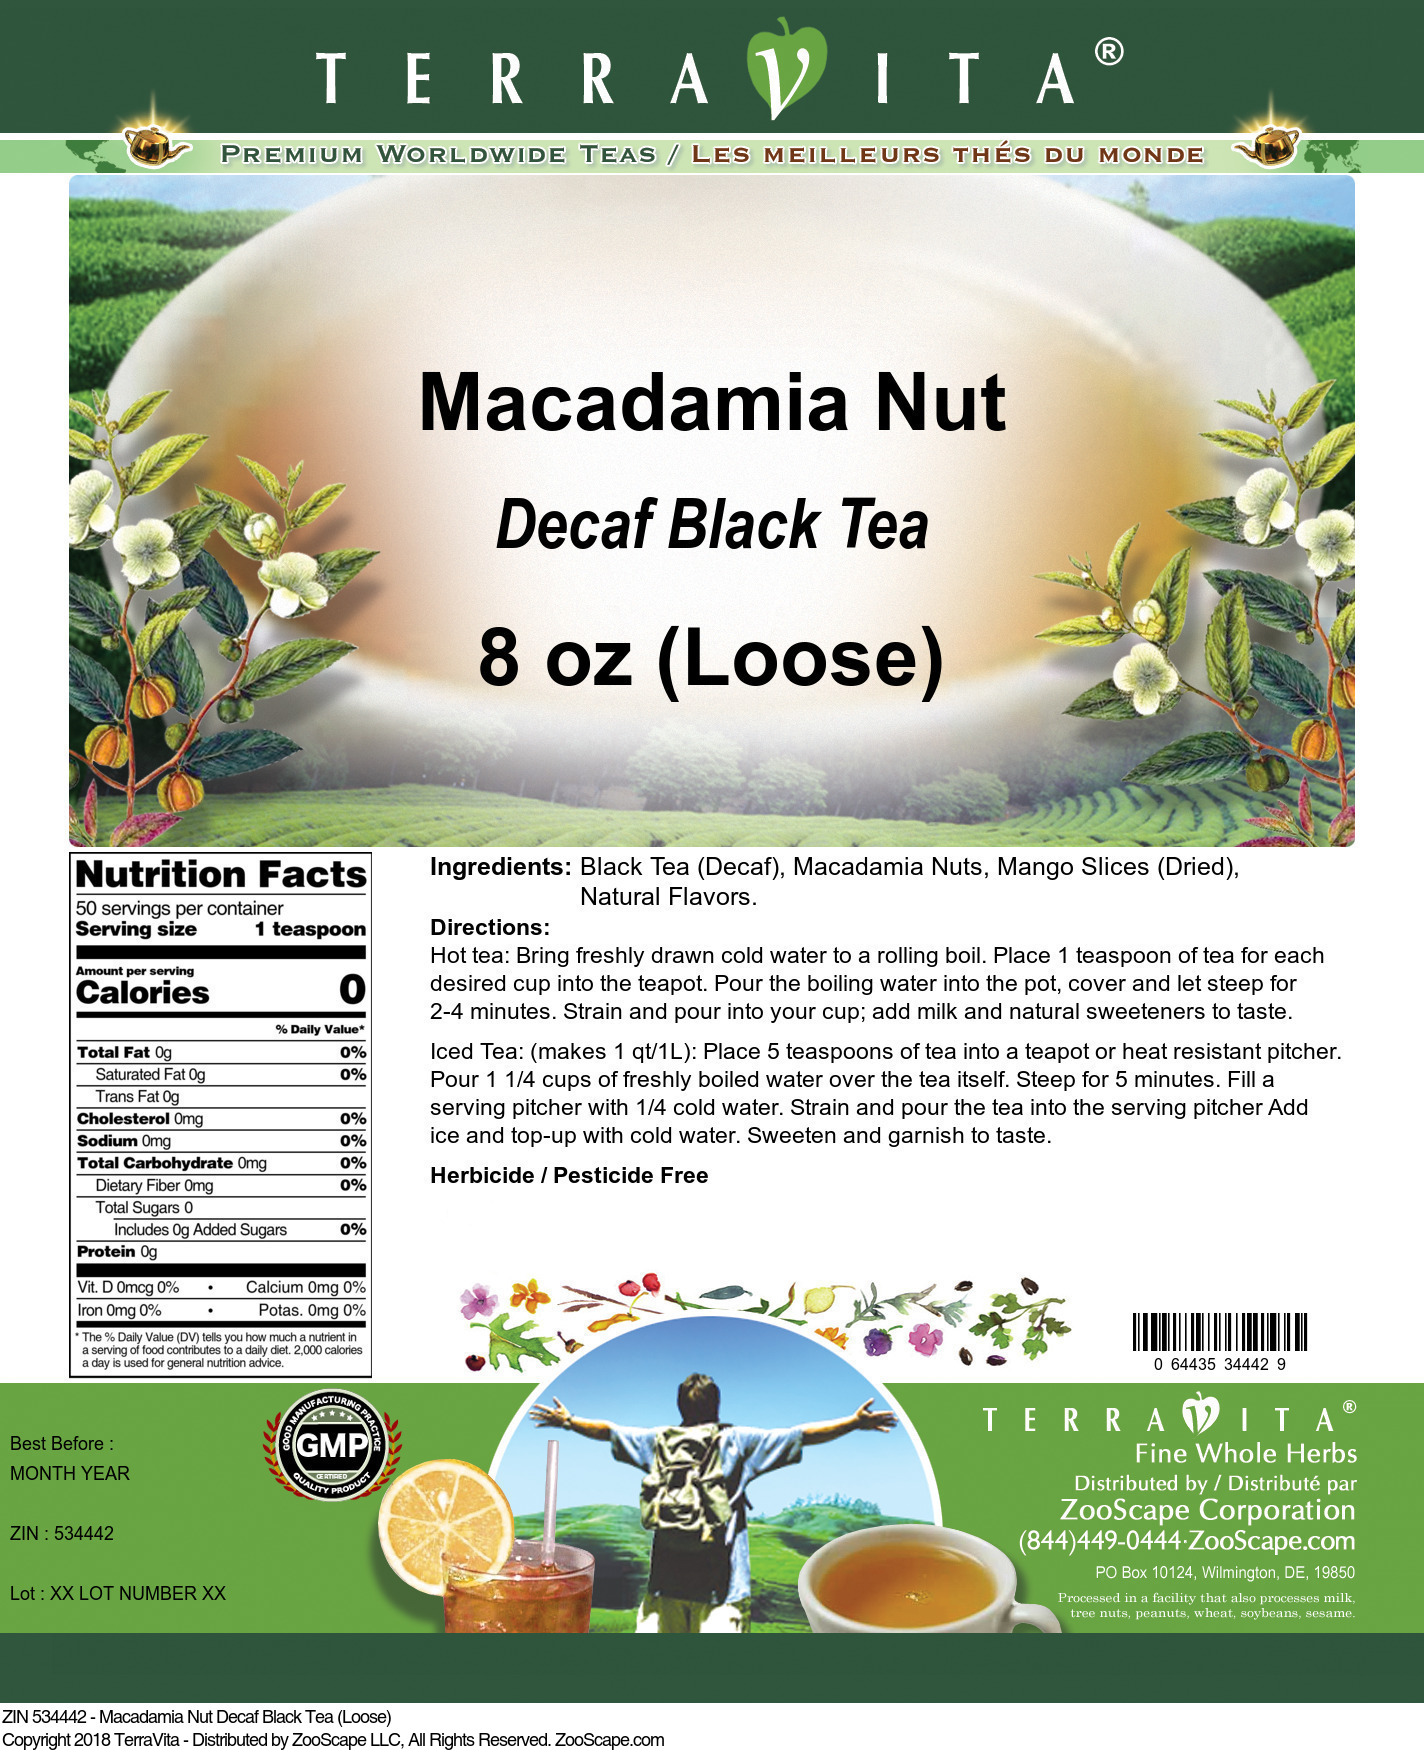 Macadamia Nut Decaf Black Tea